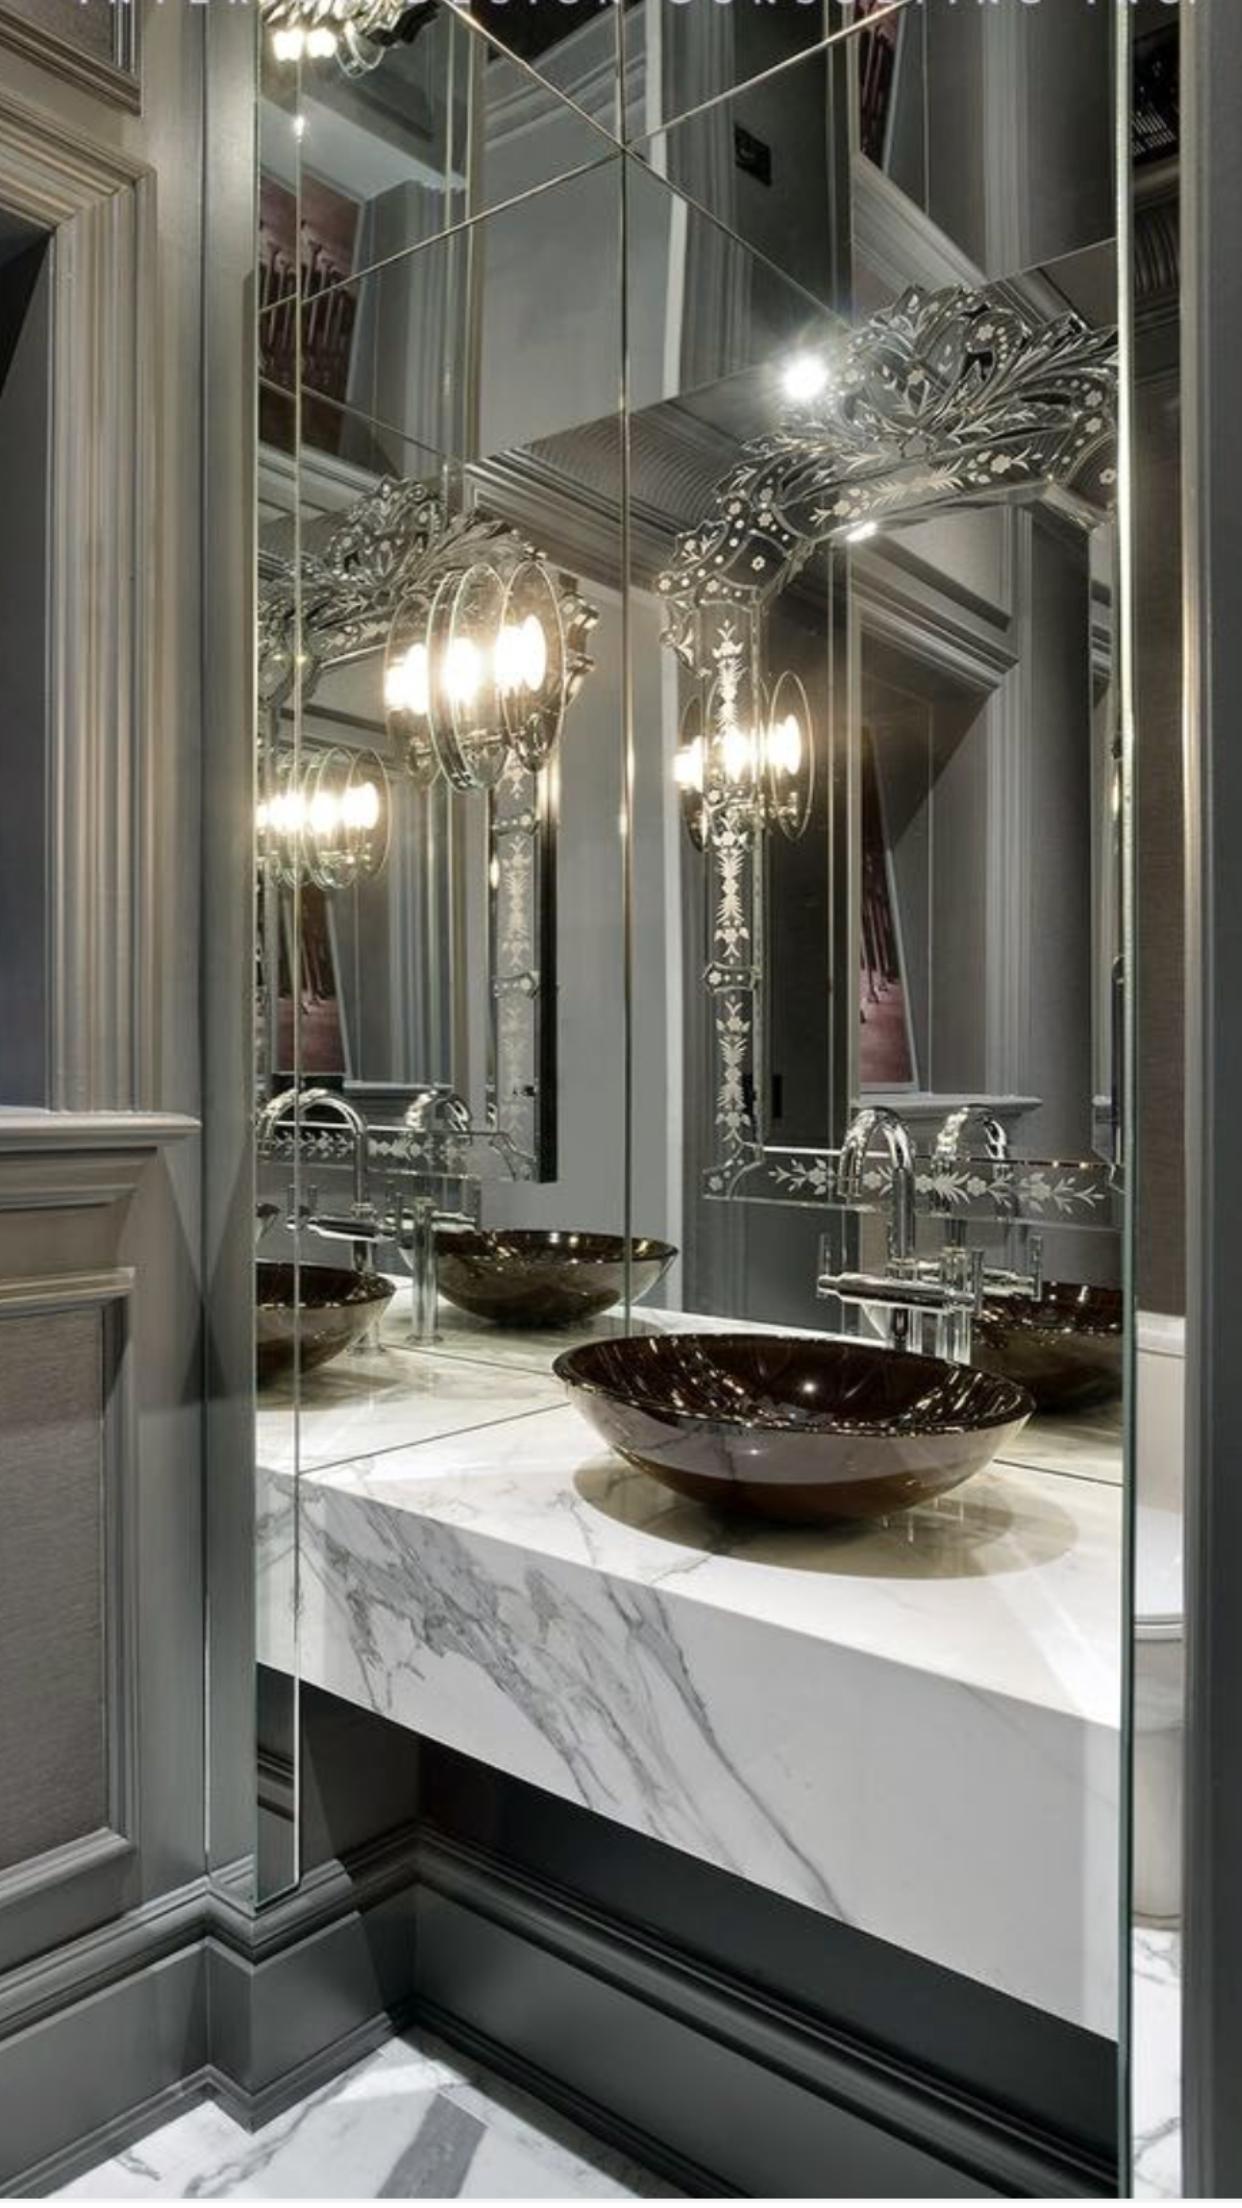 pin di lynda goding su bathroom  arredamento bagno